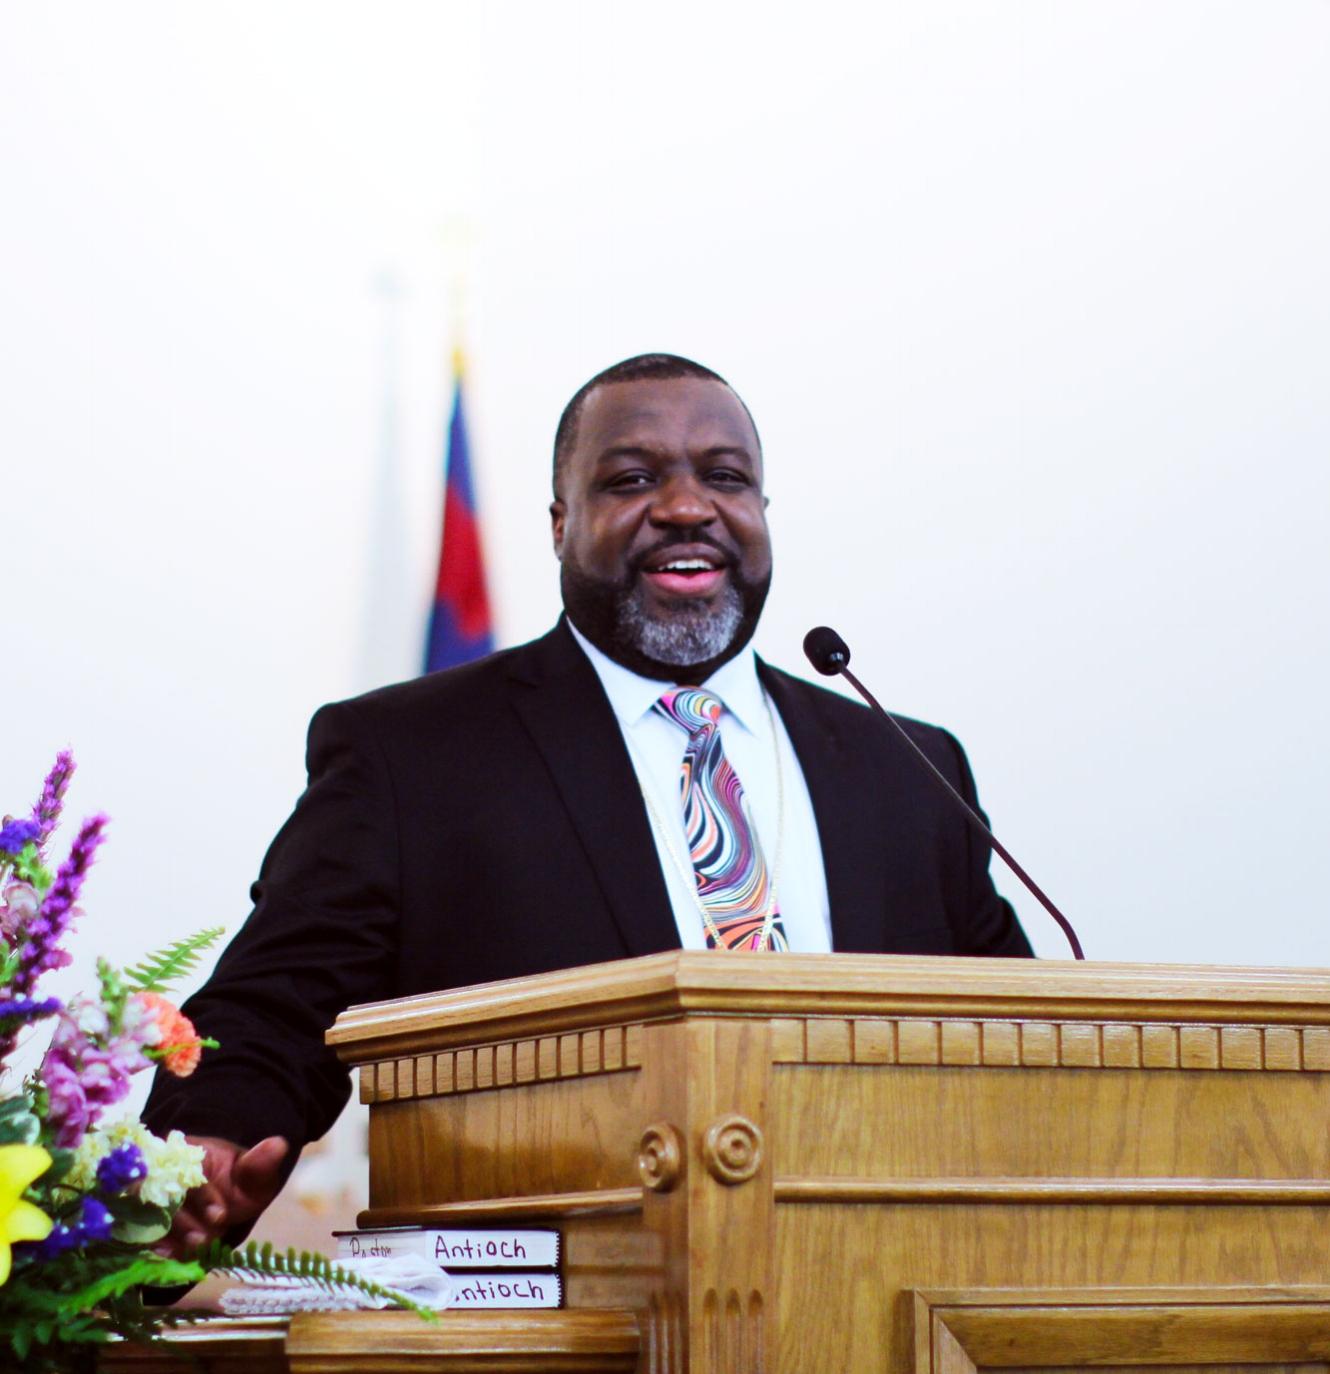 Tyler V. Hardeman, Sr., Pastor